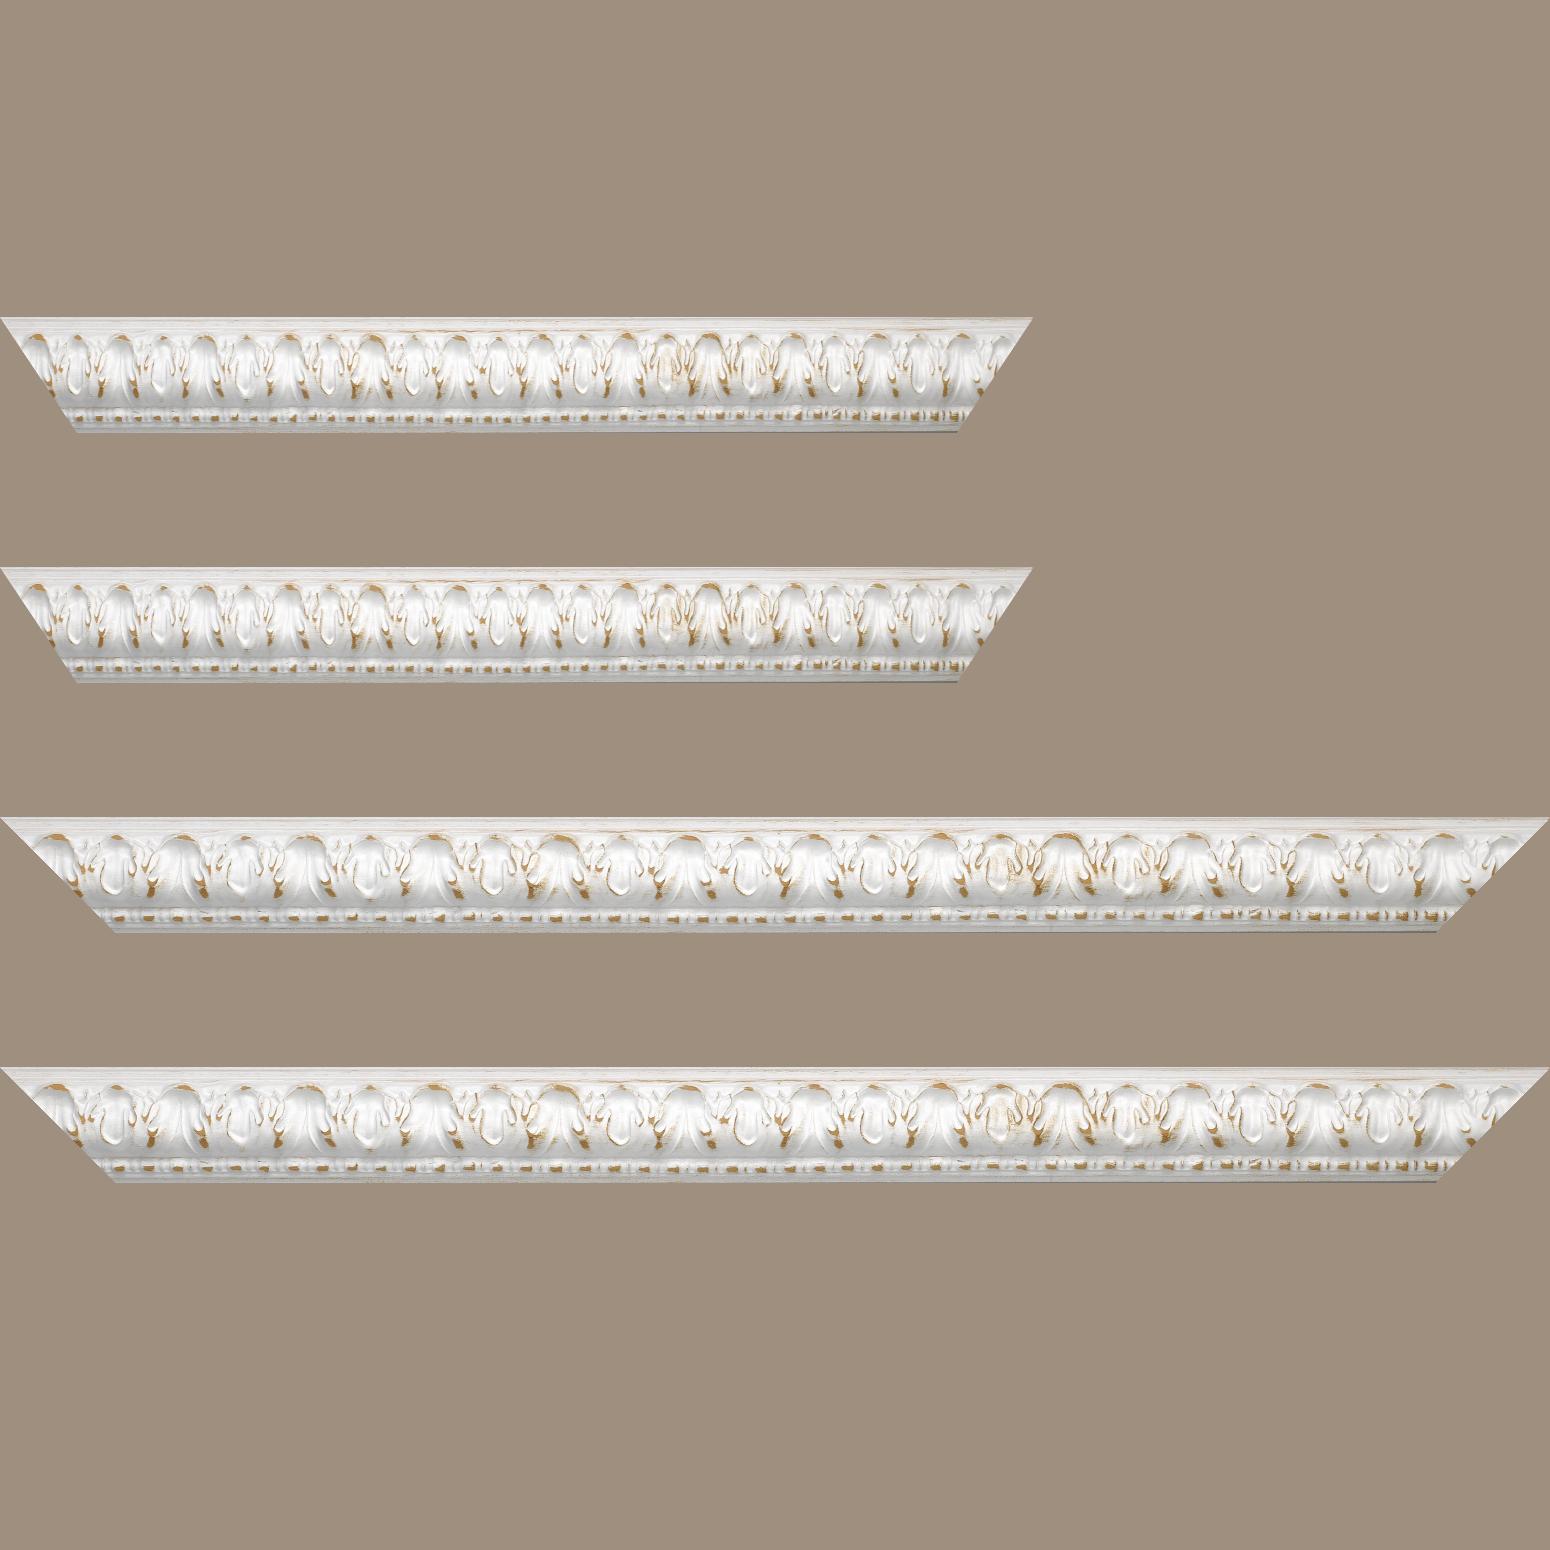 Baguette service précoupé bois profil bombé largeur 4cm couleur blanchie satiné